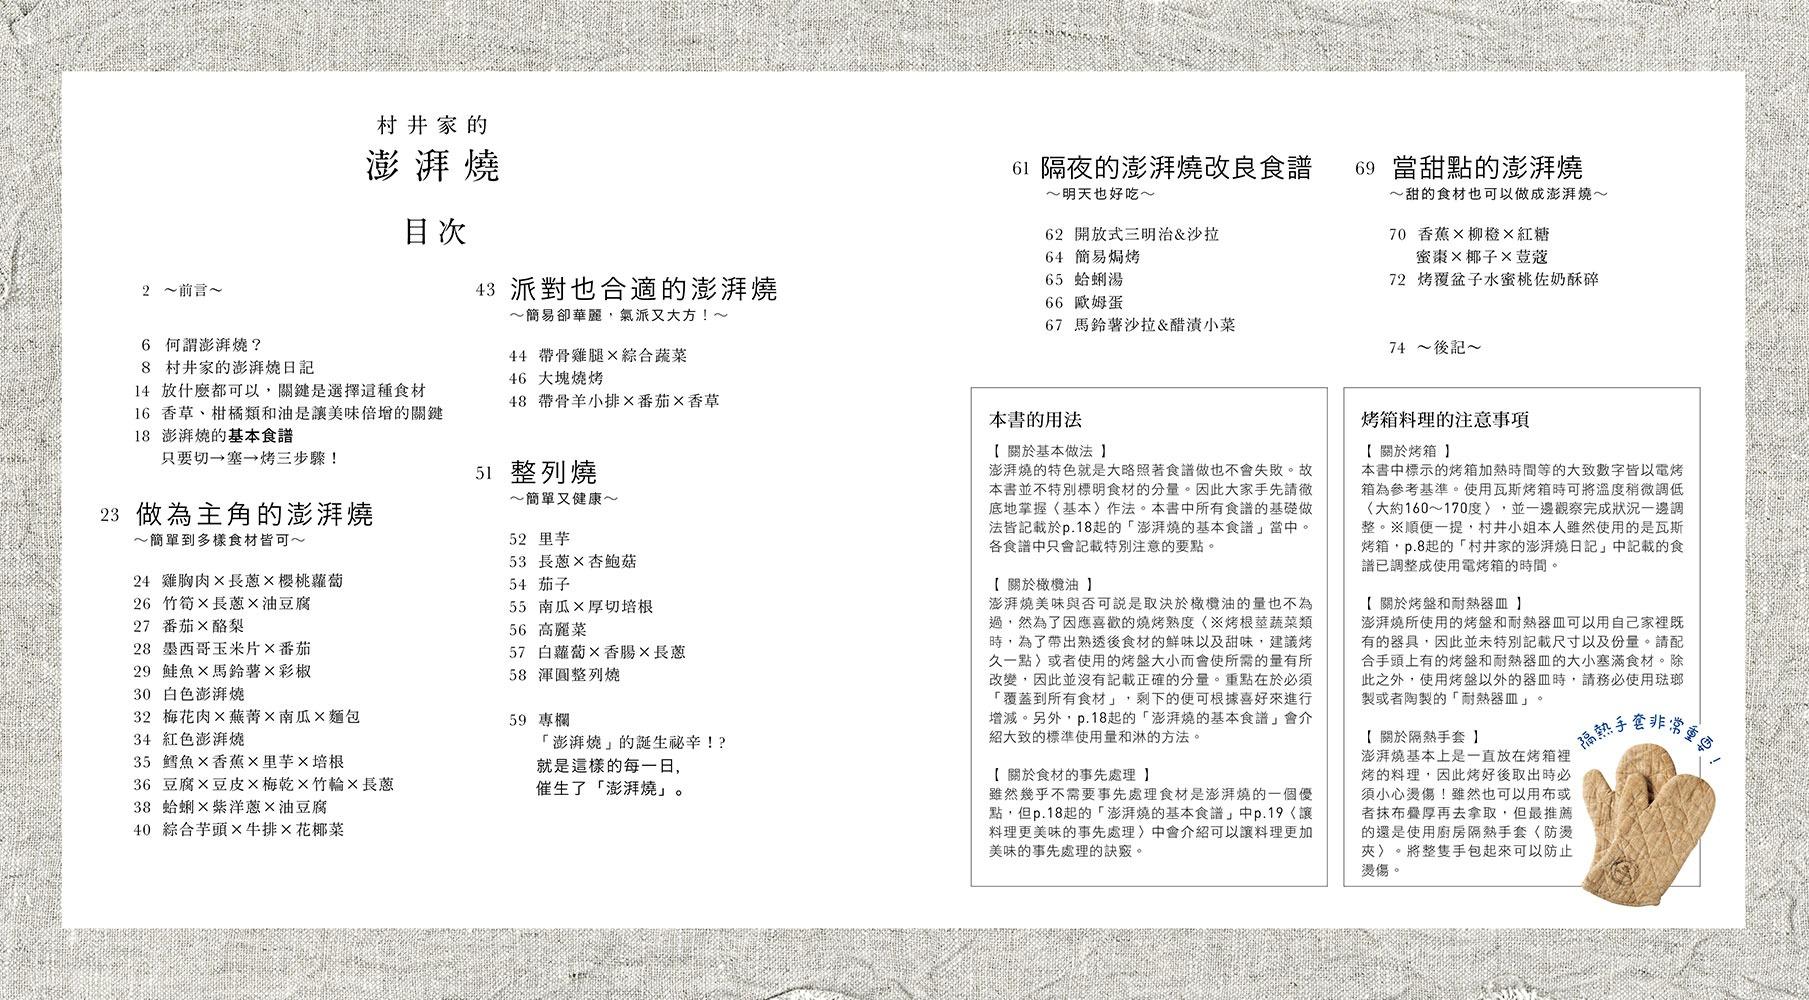 ◤博客來BOOKS◢ 暢銷書榜《推薦》澎湃燒:塞好、塞滿!懶人也可輕鬆上手的日本超人氣烤箱料理